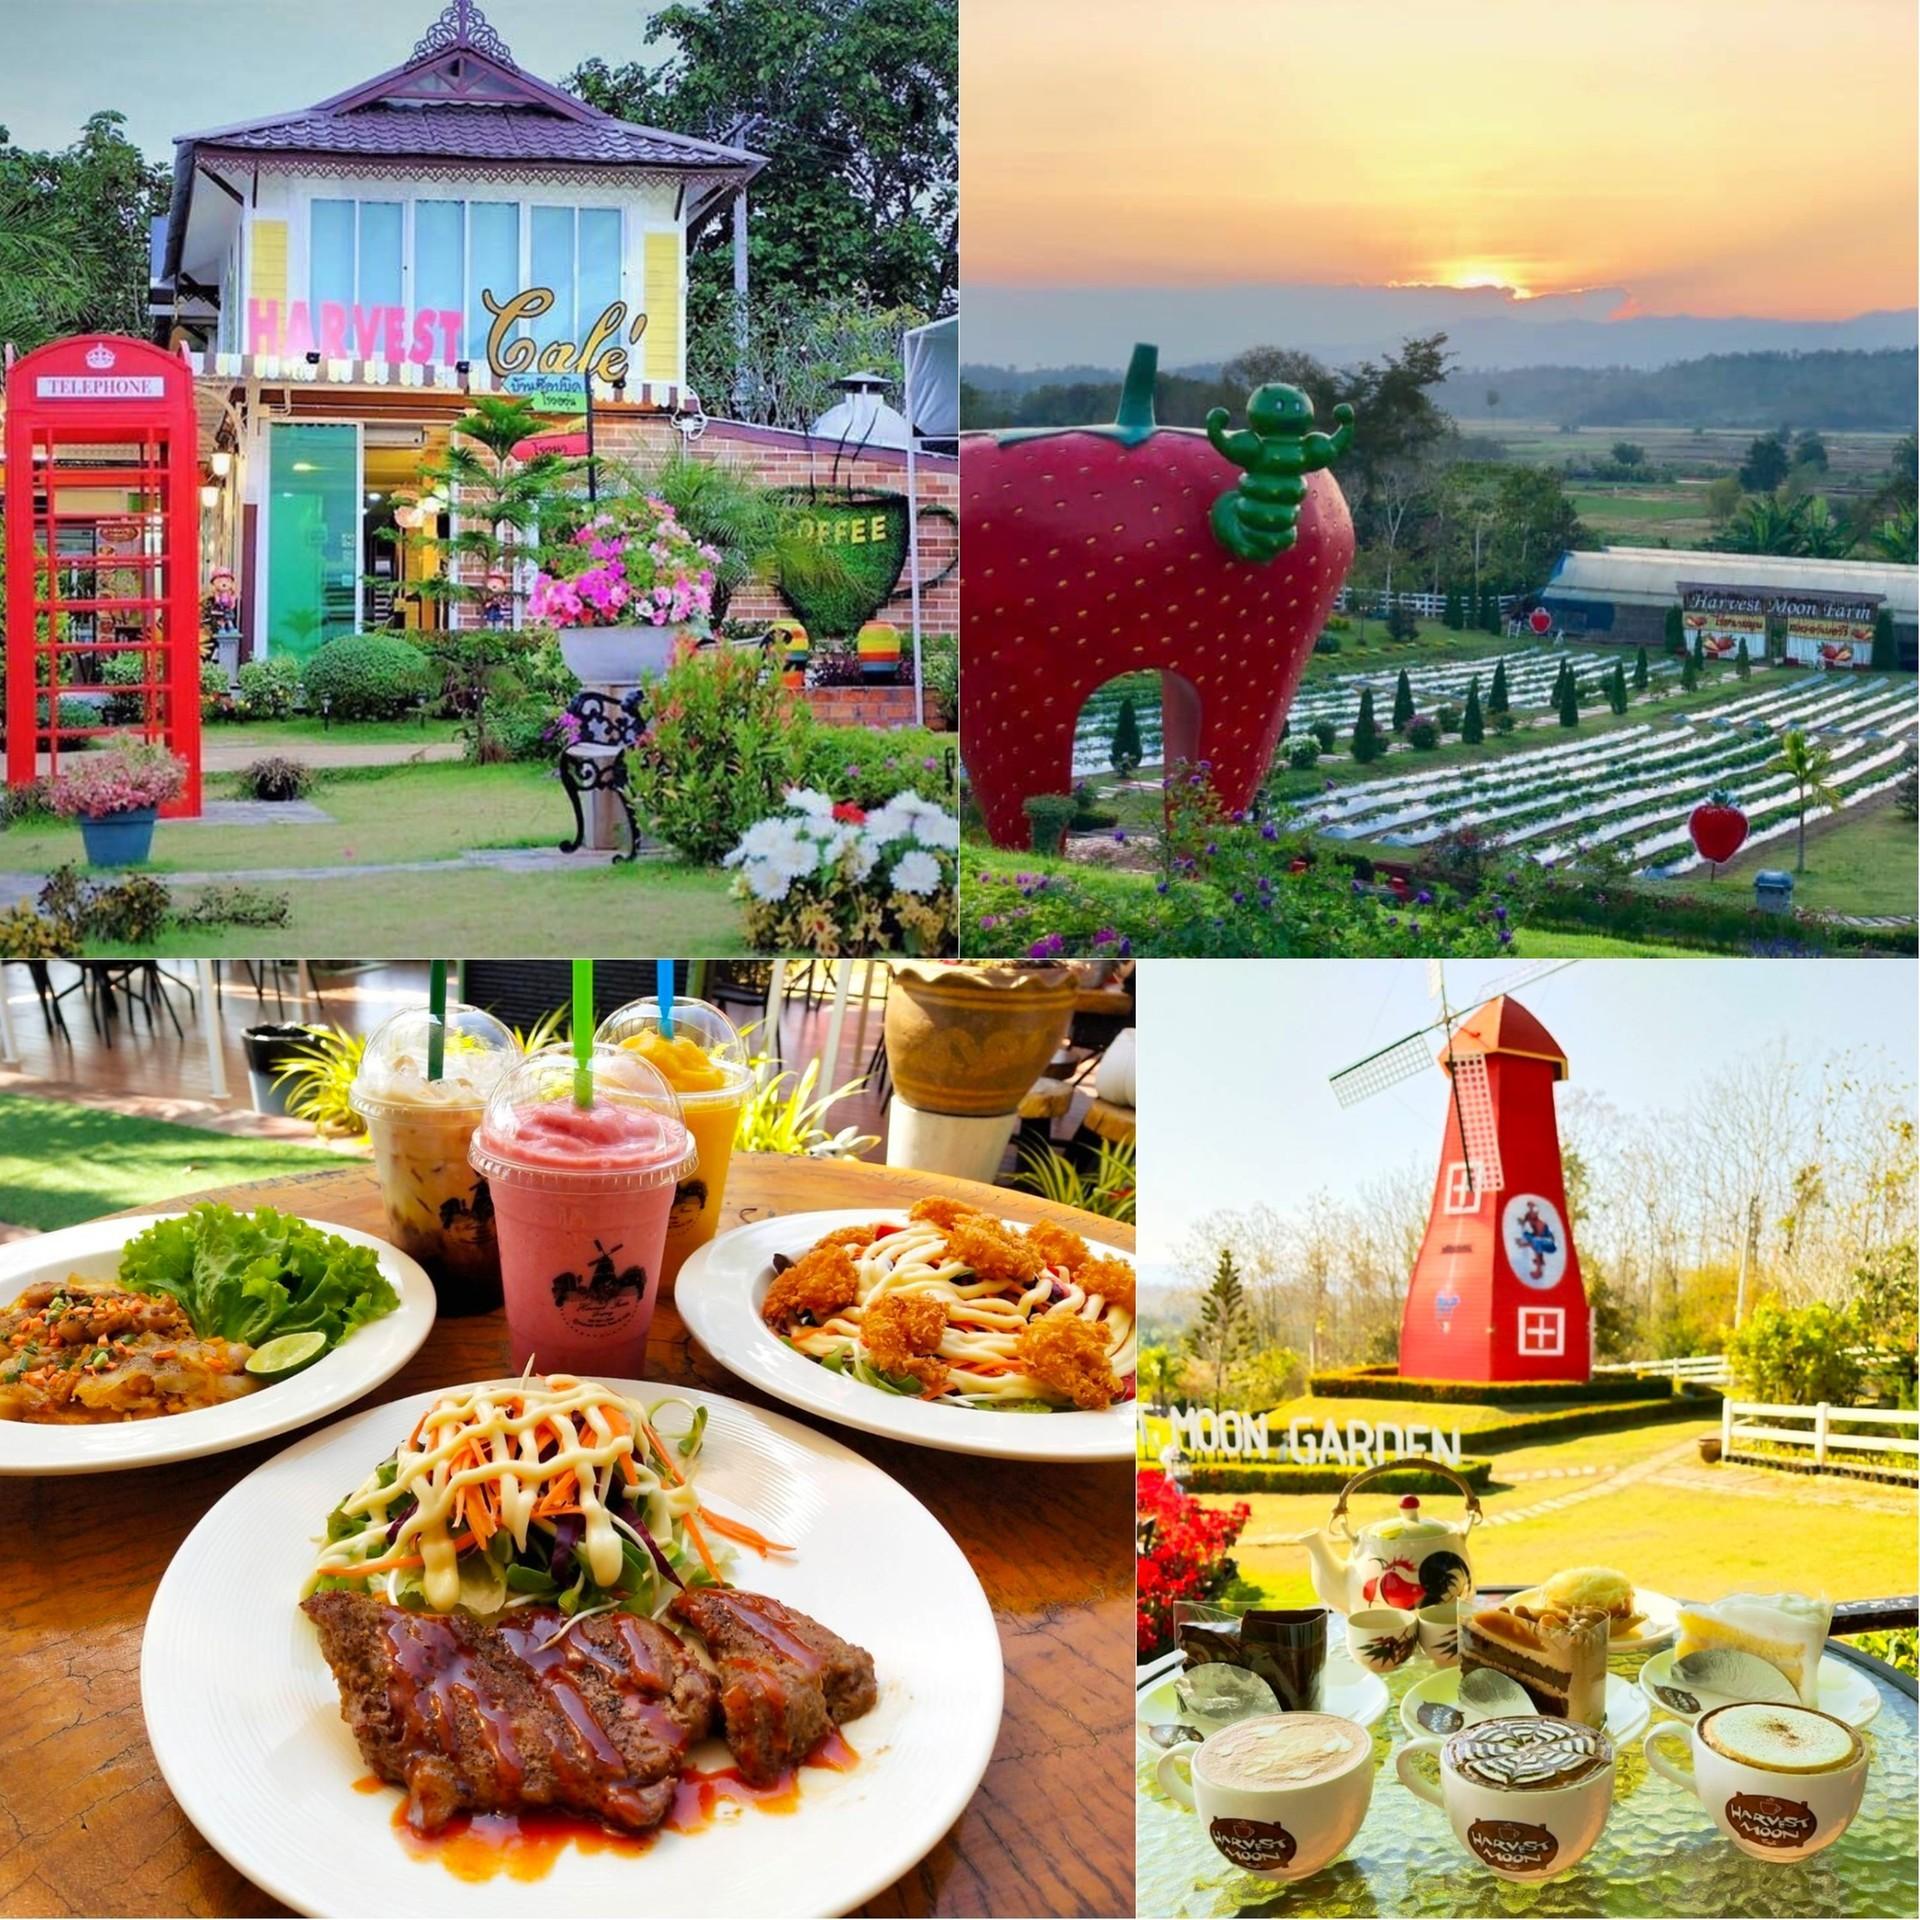 Harvest Moon Farm & Cafe